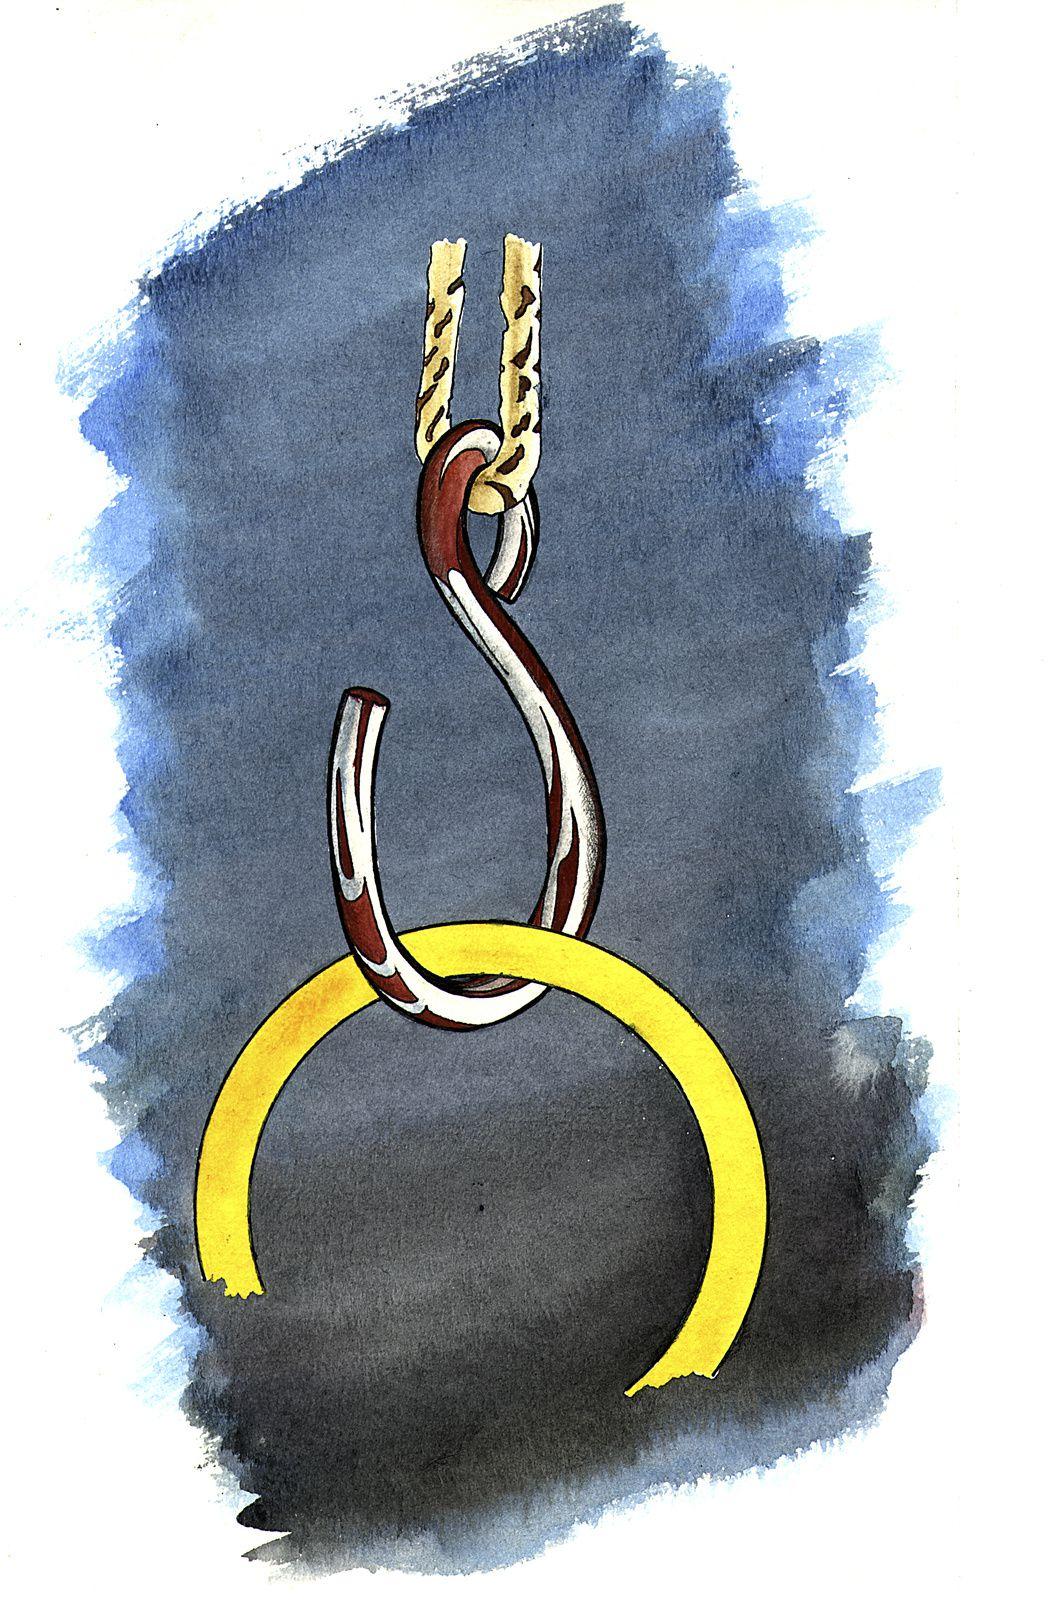 crochet et anneau permettant un montage et démontage rapide et simple